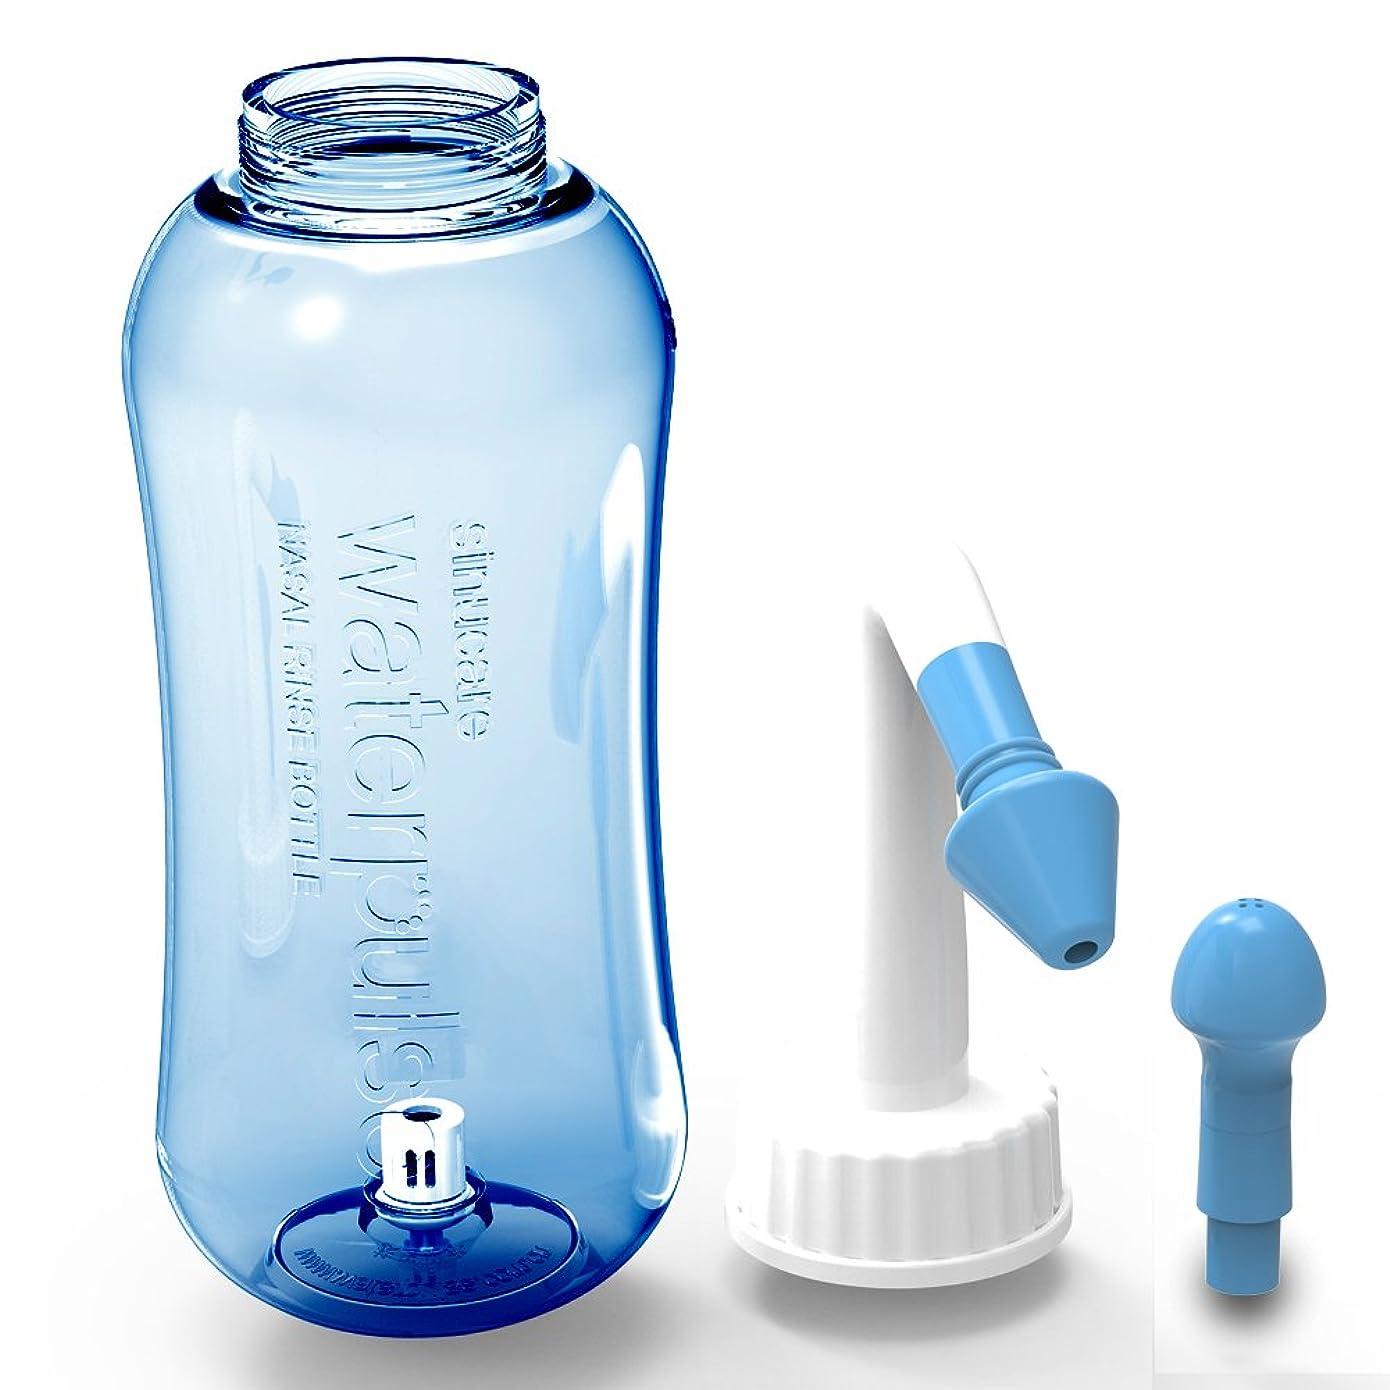 理論的リクルートスナッチLoboo Idea 鼻洗浄ボトル 鼻洗い 鼻炎 花粉症 鼻づまり 予防対策 すっきり鼻うがい 鼻クリーン ハナクリーニング ノーズシャワー ネティポット 簡単痛くない … (300ML, Blue)